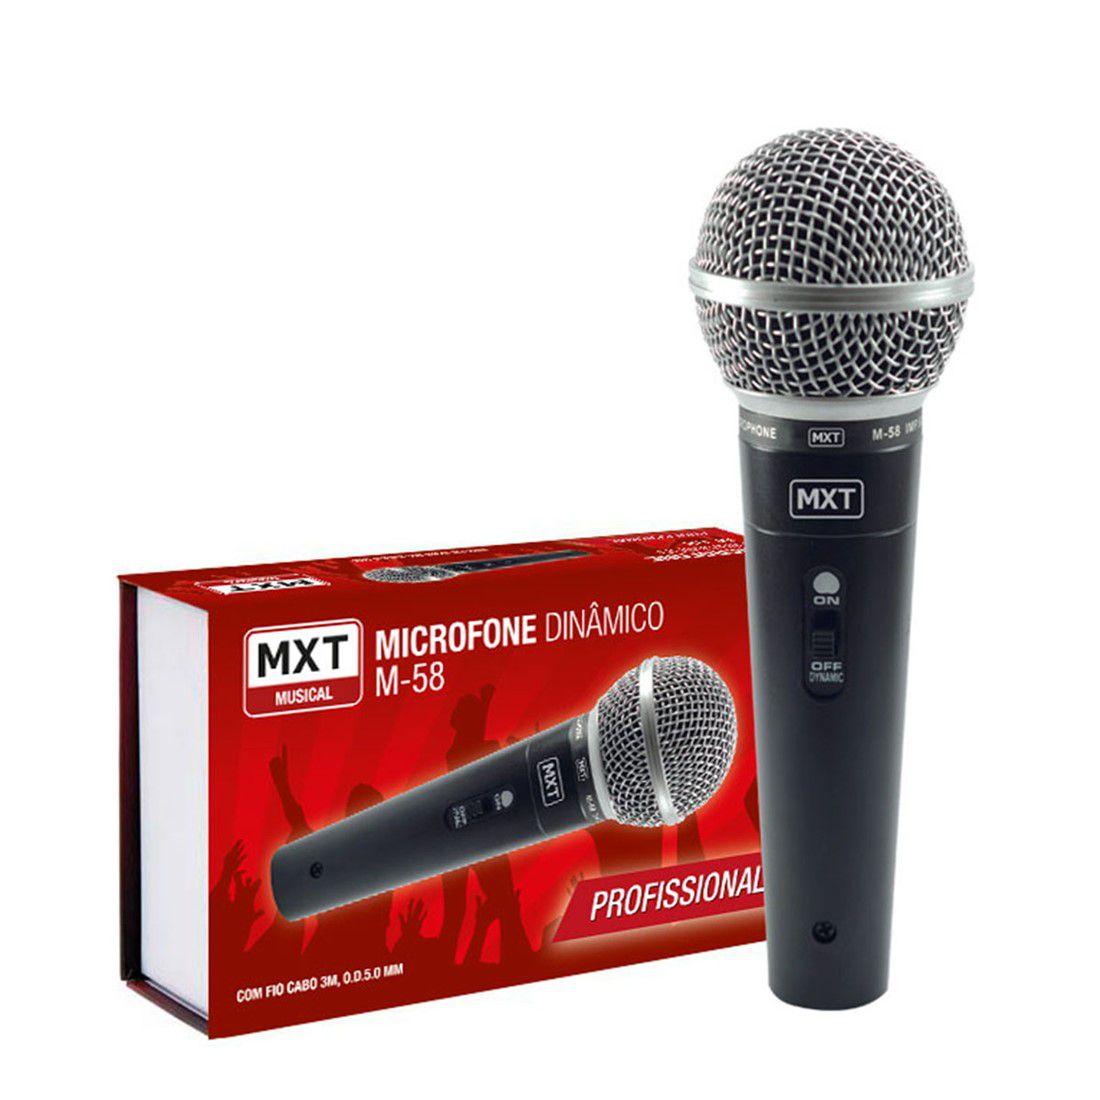 Microfone Dinâmico M58 Profissional Com Fio Cabo 3 Metros OD. 5.0 MM